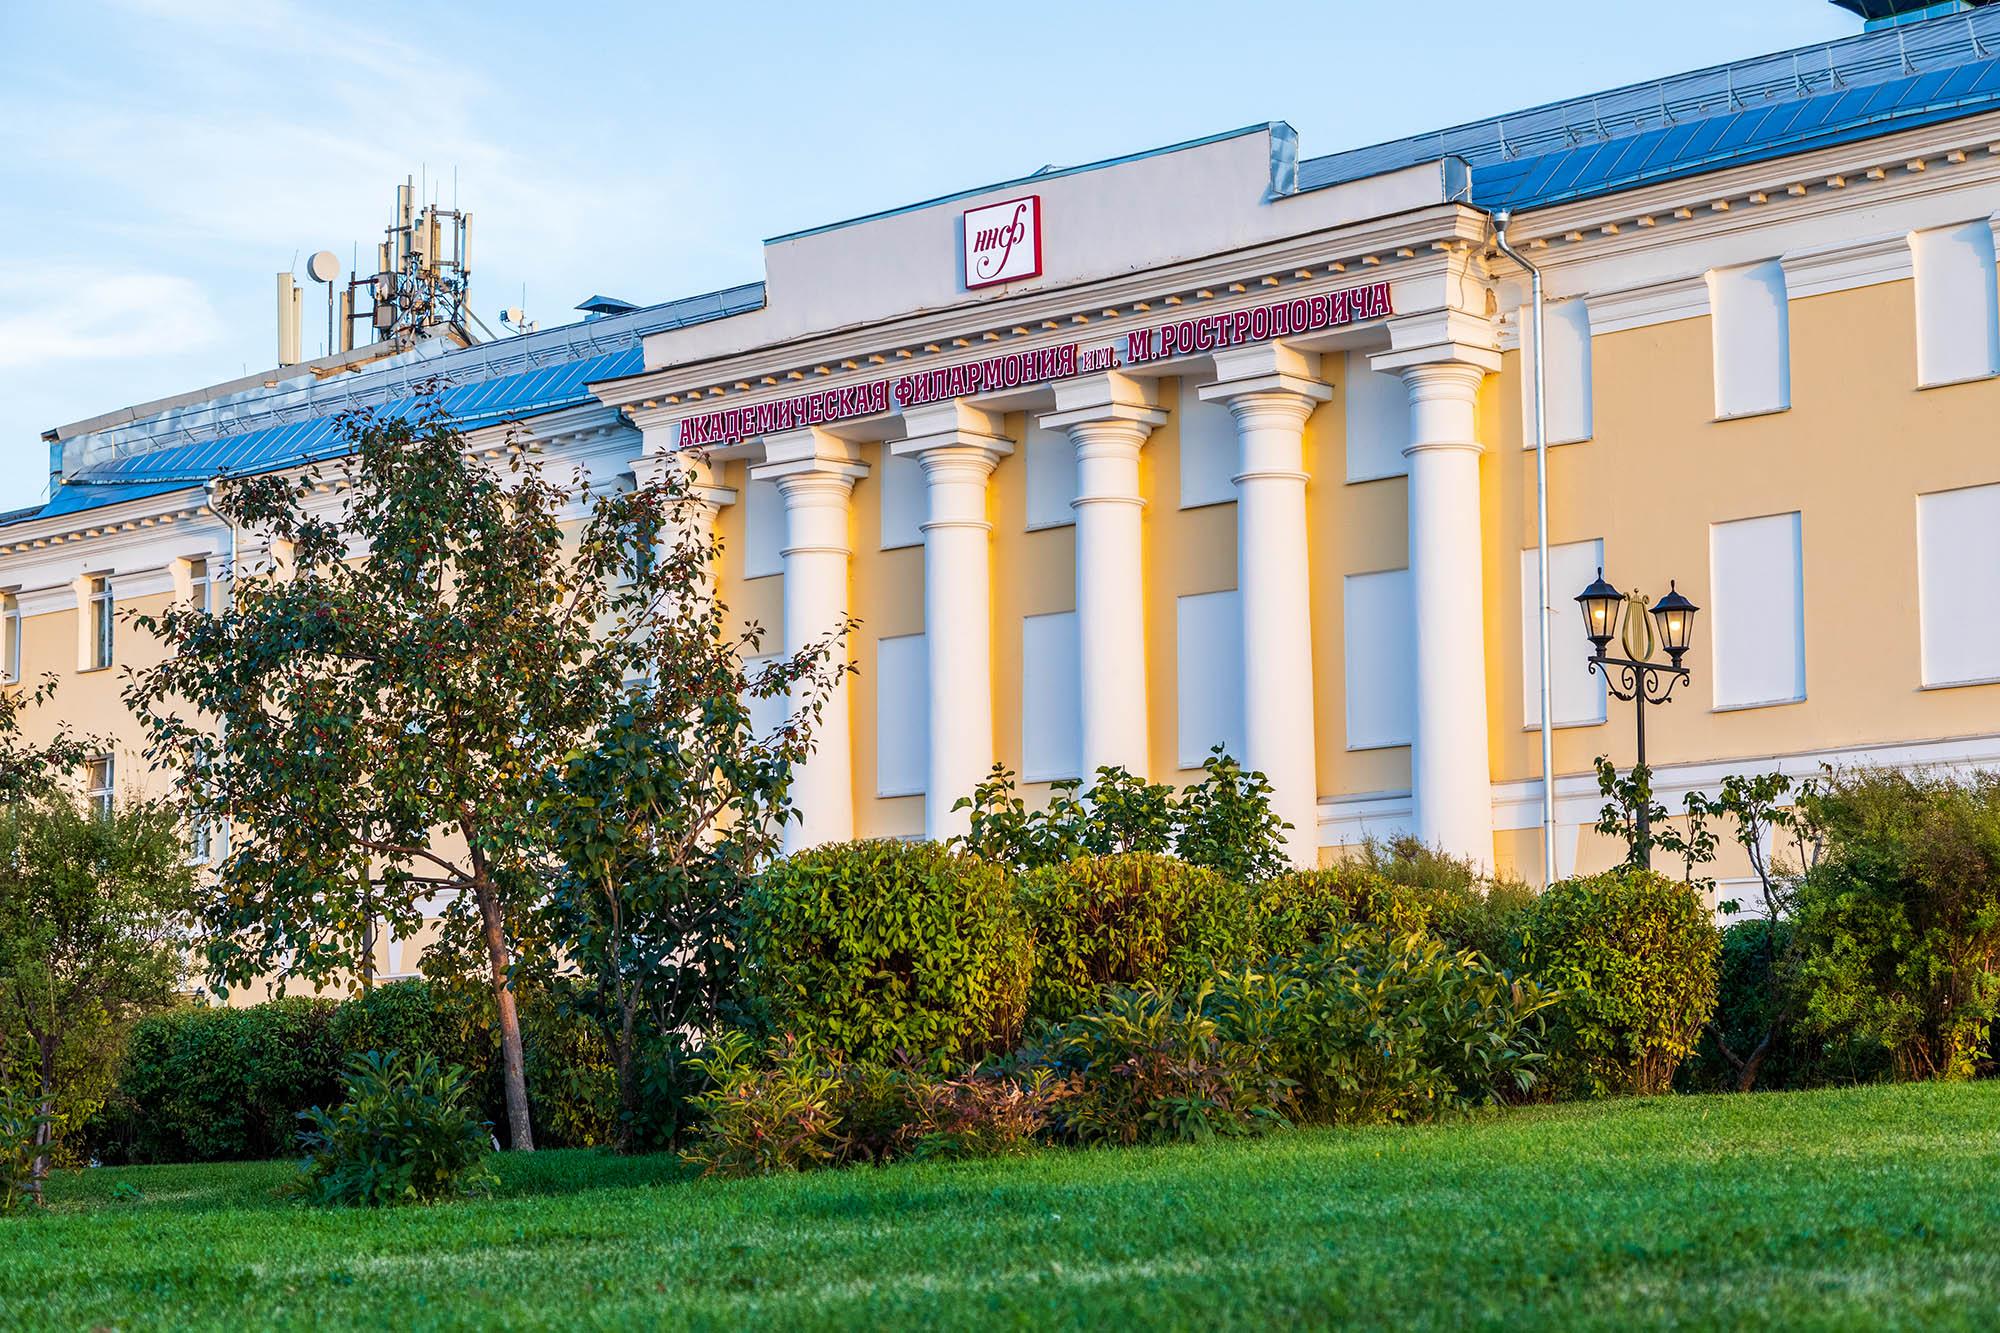 Нижегородская филармония открывает сезон благотворительных концертов